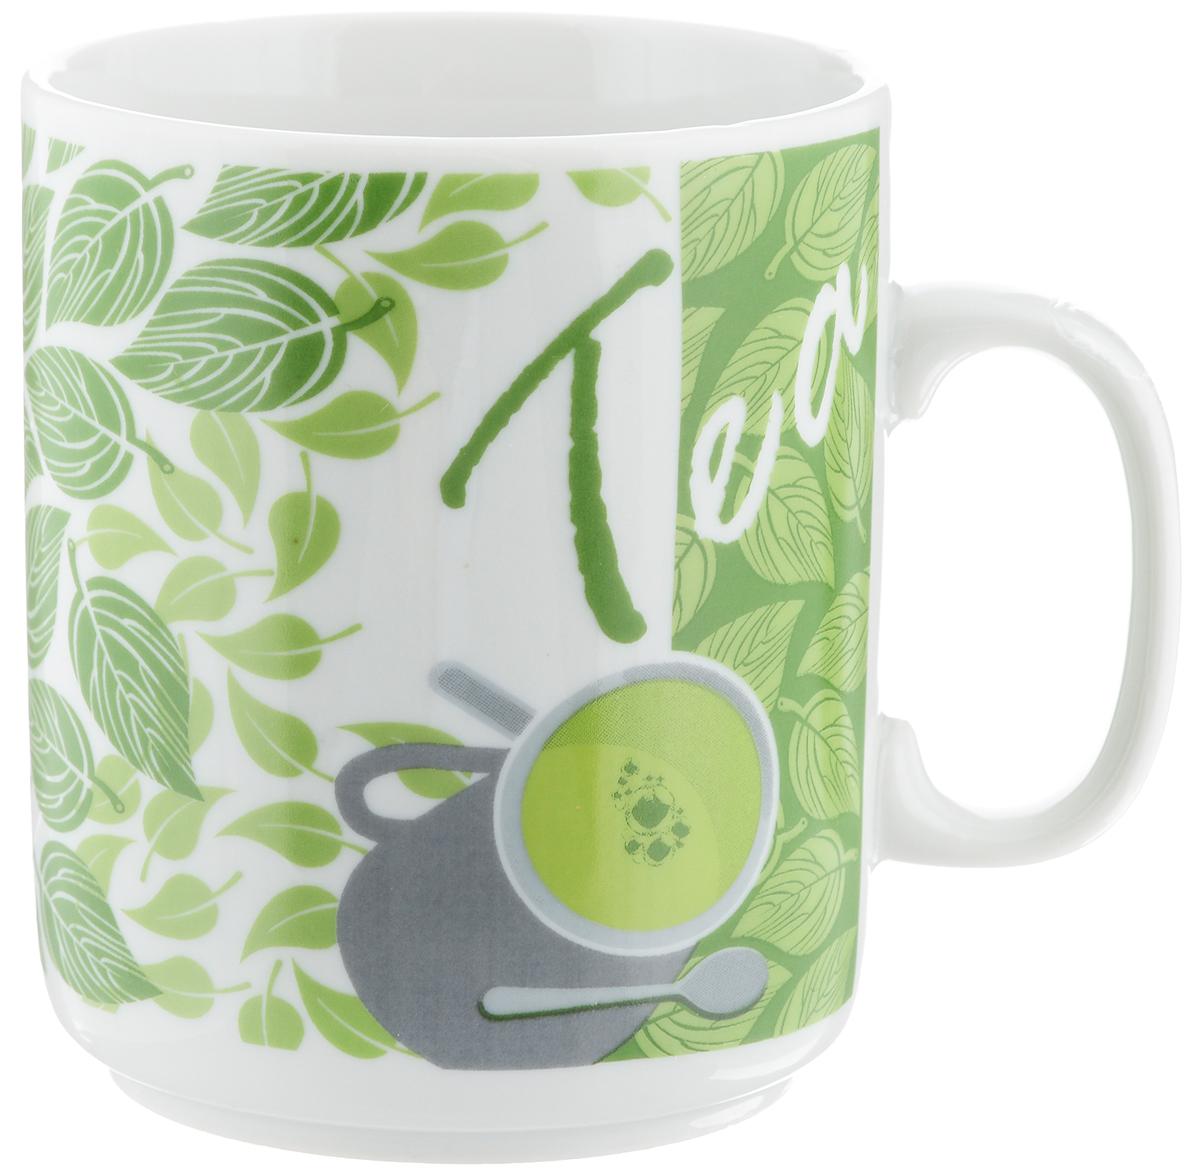 Кружка Фарфор Вербилок Чай, 300 мл9272190Кружка Фарфор Вербилок Чай способна скрасить любое чаепитие. Изделие выполнено из высококачественного фарфора. Посуда из такого материала позволяет сохранить истинный вкус напитка, а также помогает ему дольше оставаться теплым.Диаметр по верхнему краю: 7,5 см.Высота кружки: 10 см.